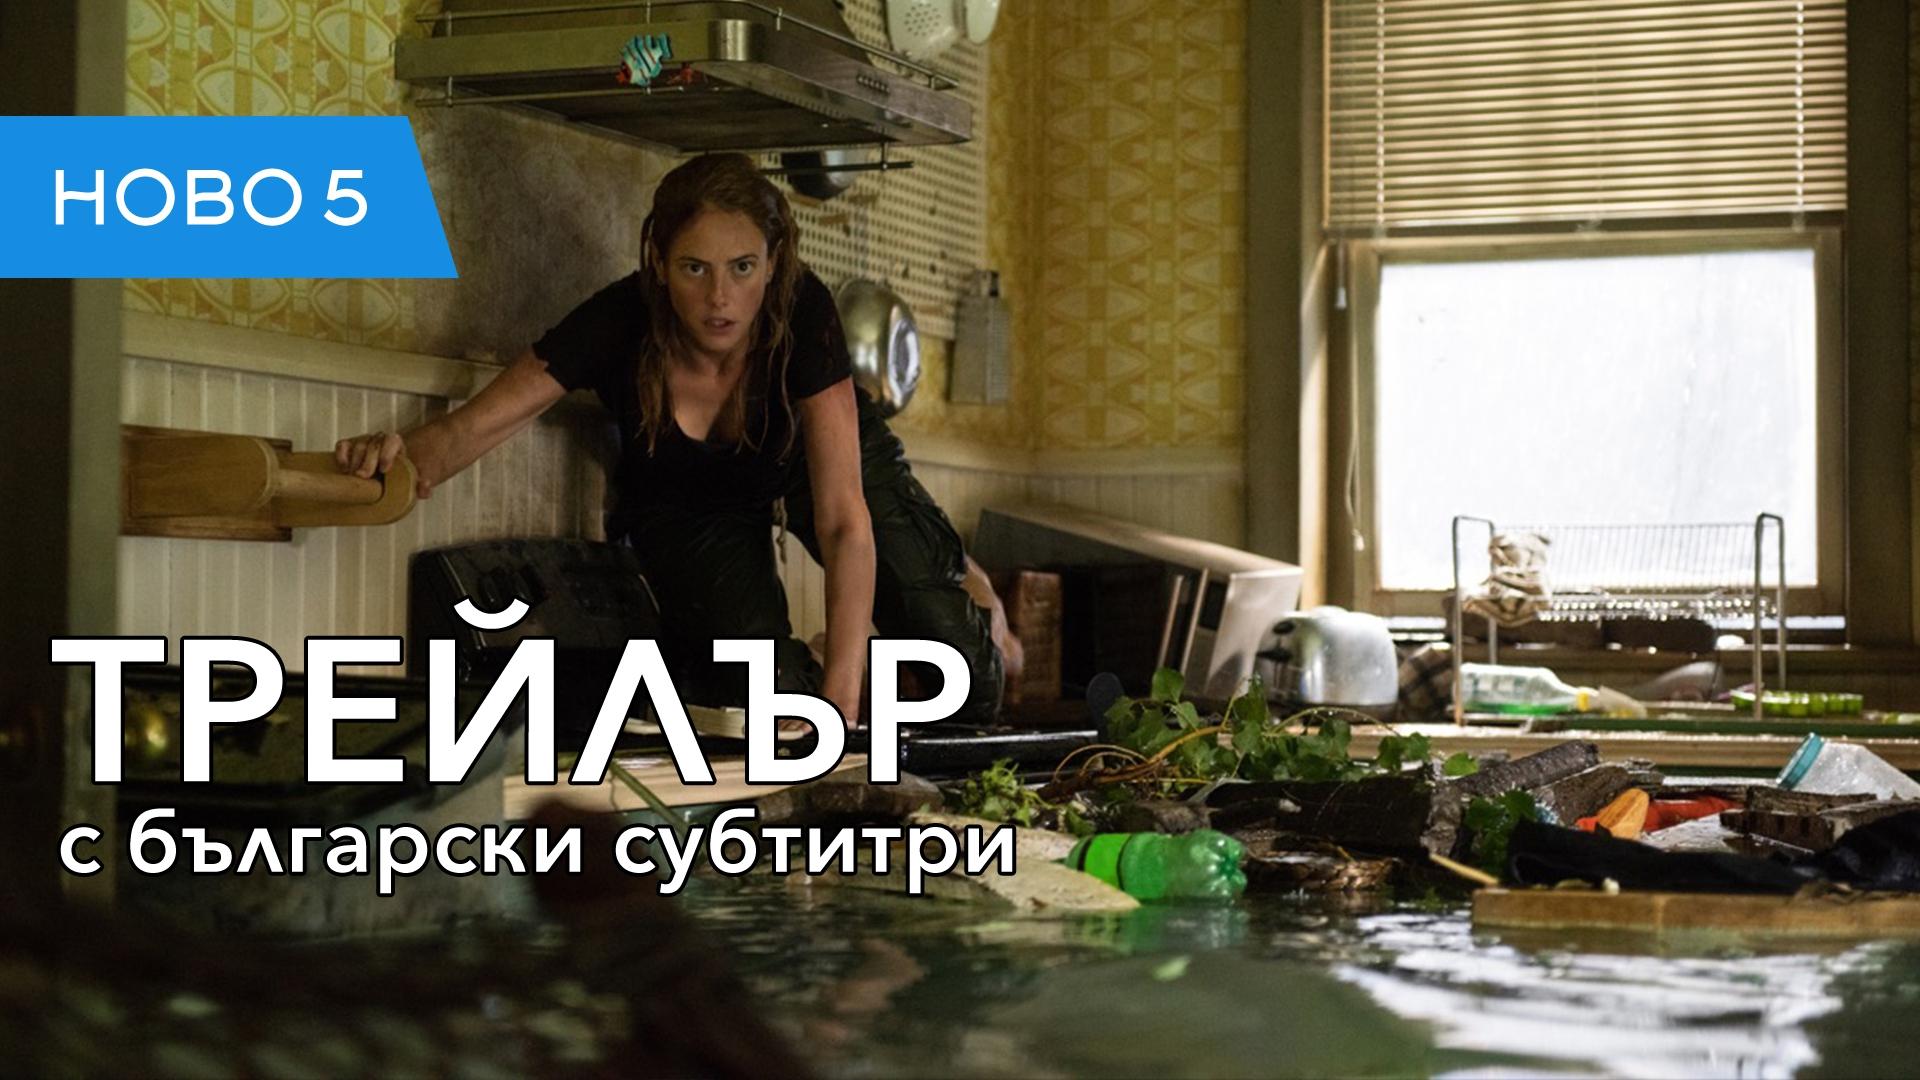 Плячка (2019) трейлър с български субтитри